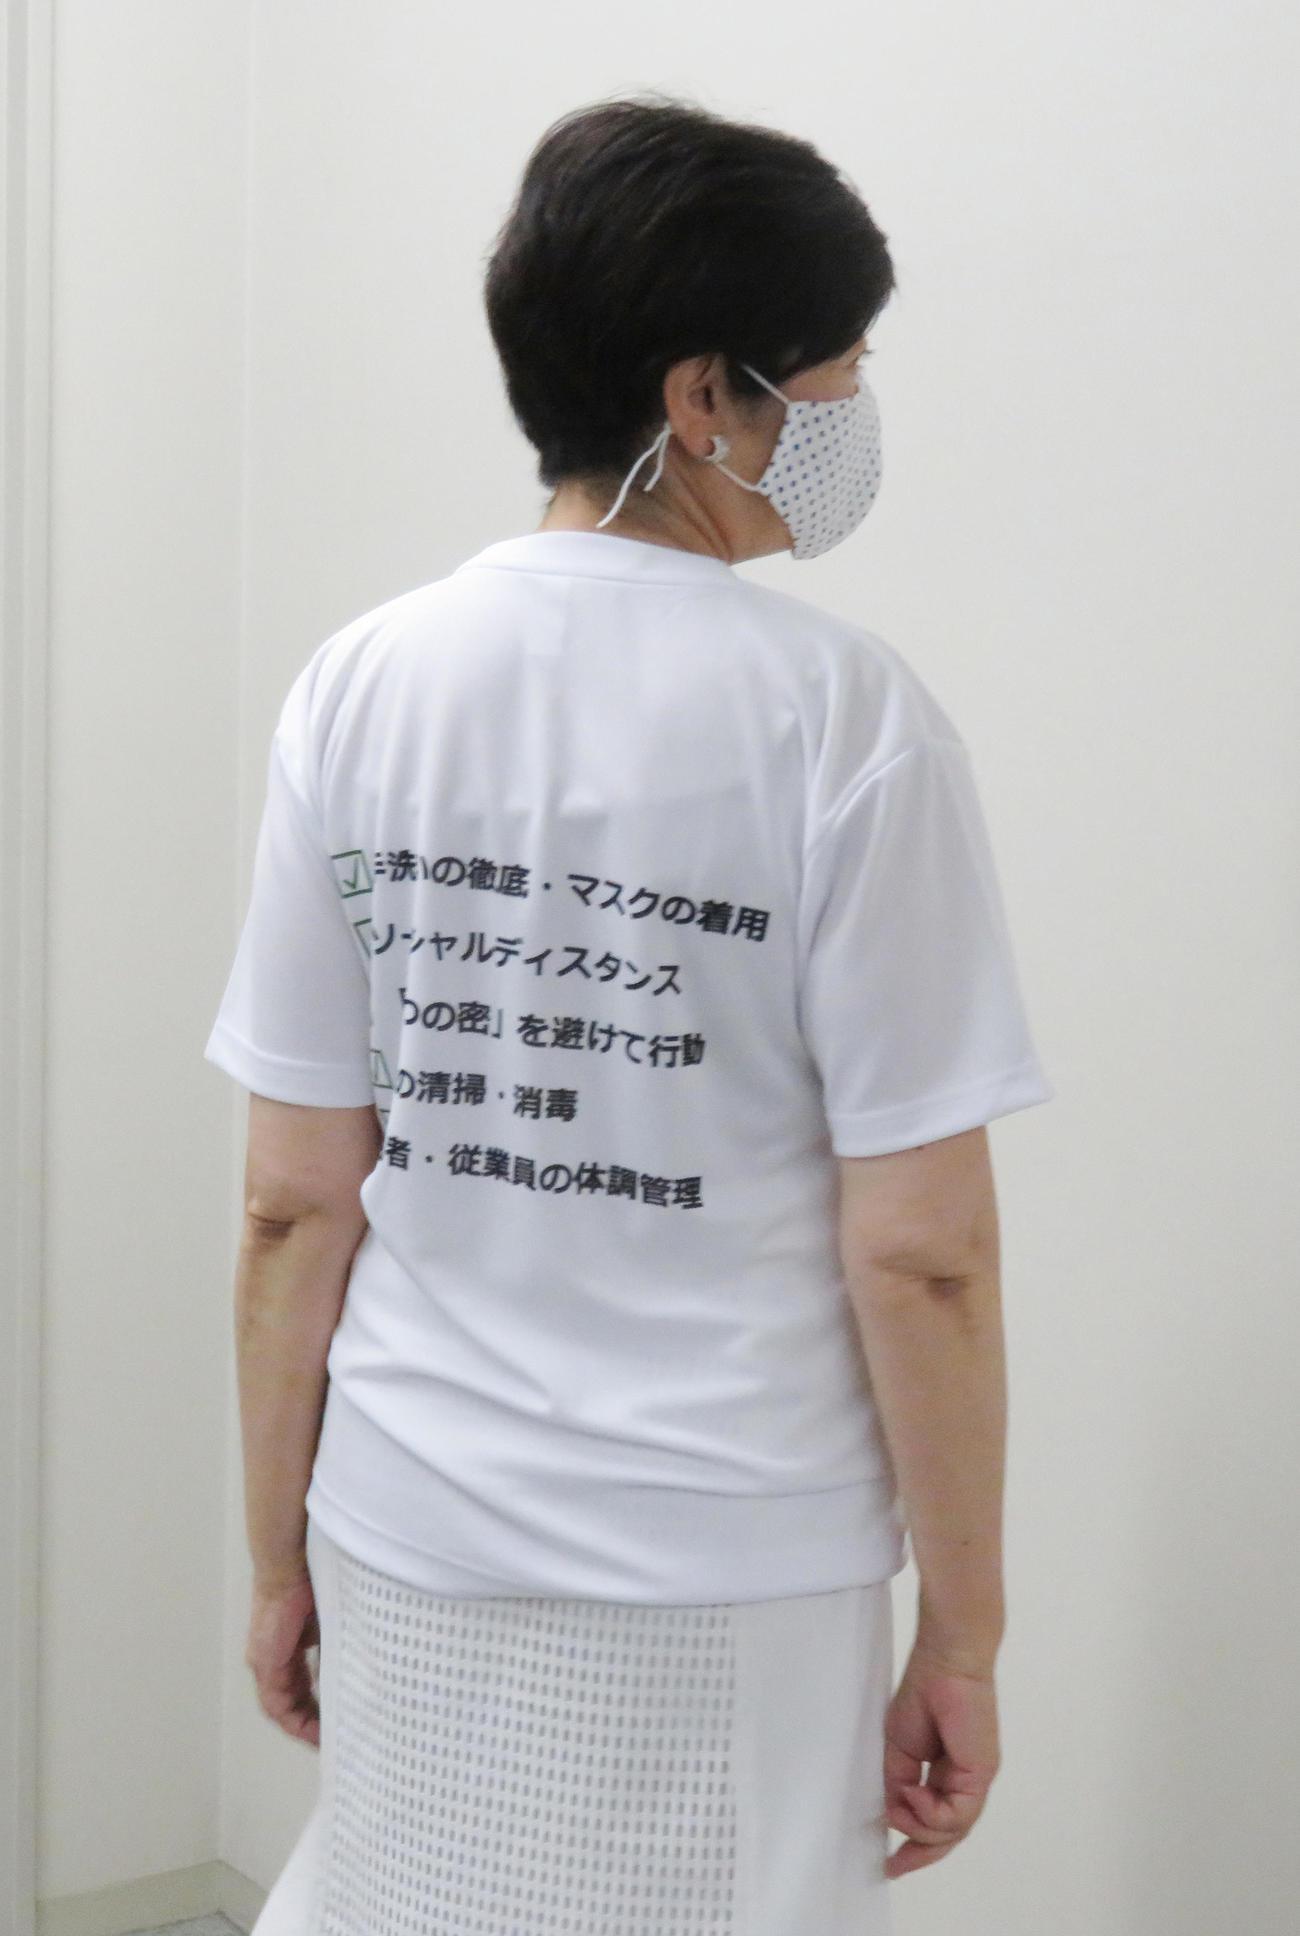 感染防止徹底宣言ステッカーがプリントされたTシャツを着用し、会見終了後、写真撮影に応じた東京都の小池百合子知事「後ろもあるのよ」(撮影・佐藤勝亮)